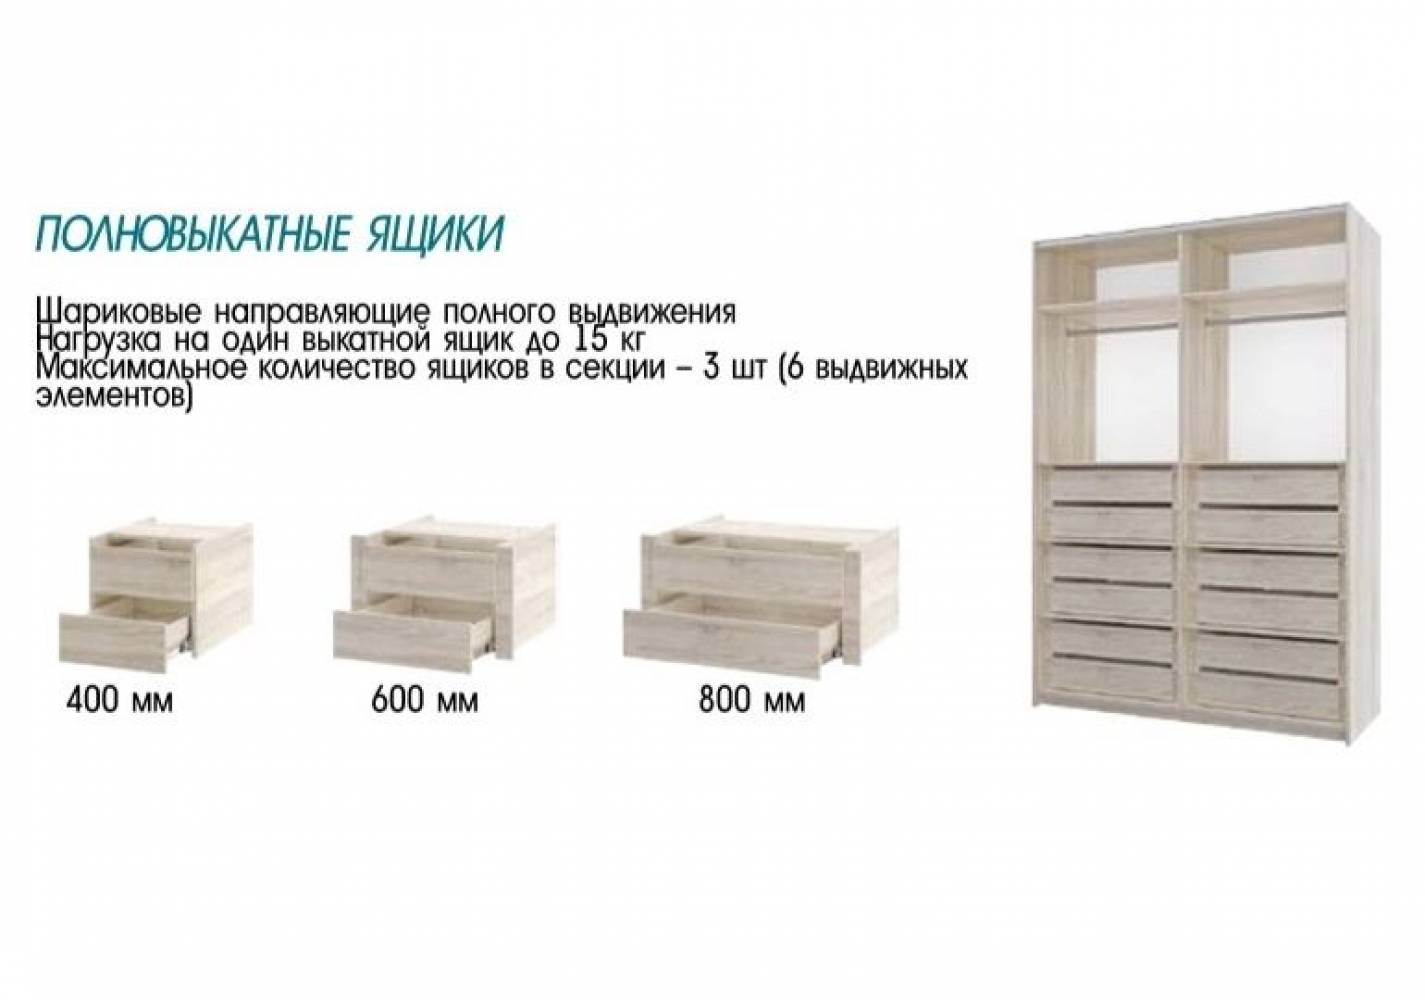 Шкаф Фортуна-18 (1600) 400/400/400/400